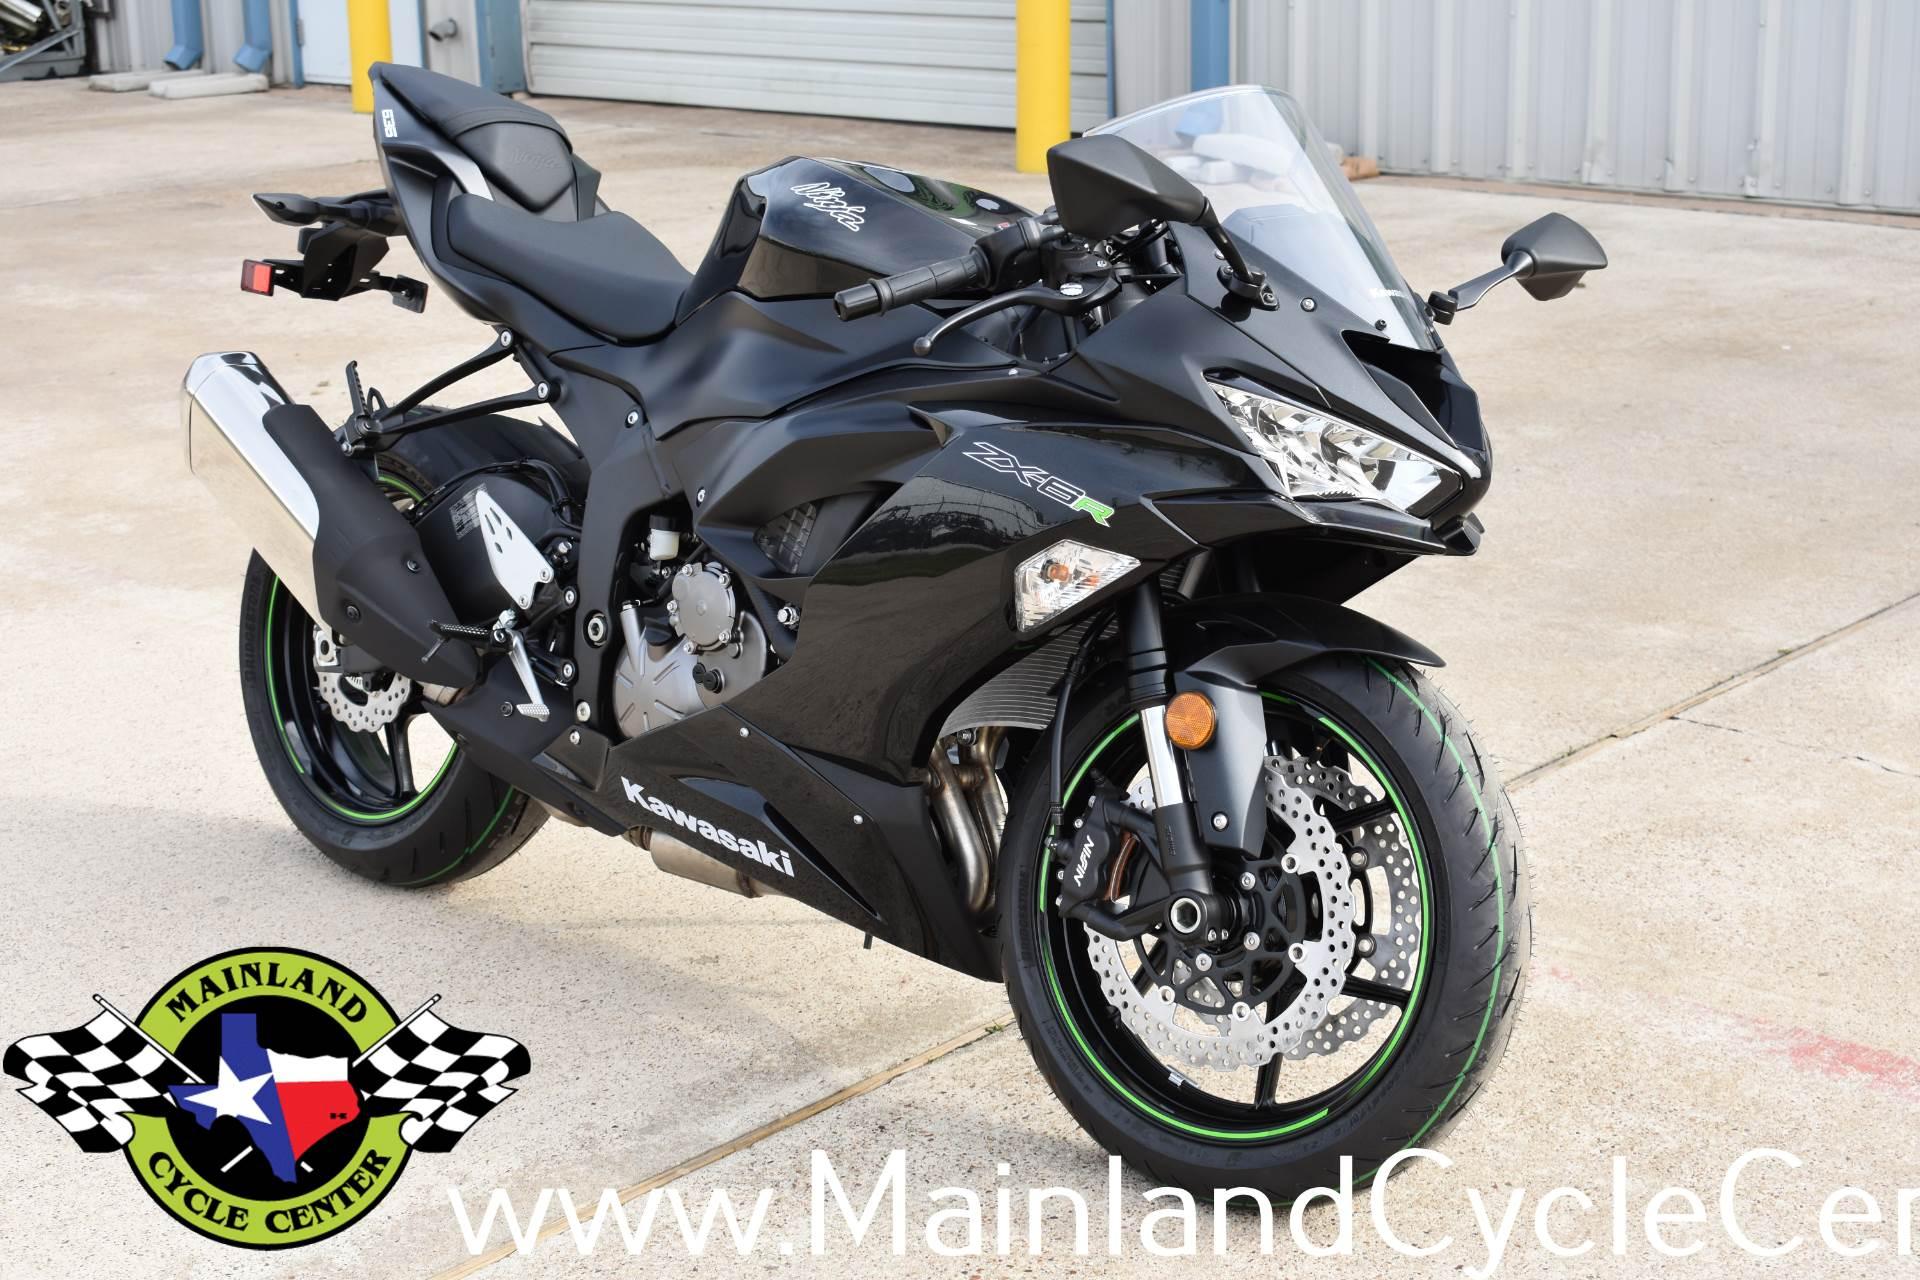 2019 Kawasaki Ninja Zx 6r In La Marque Texas